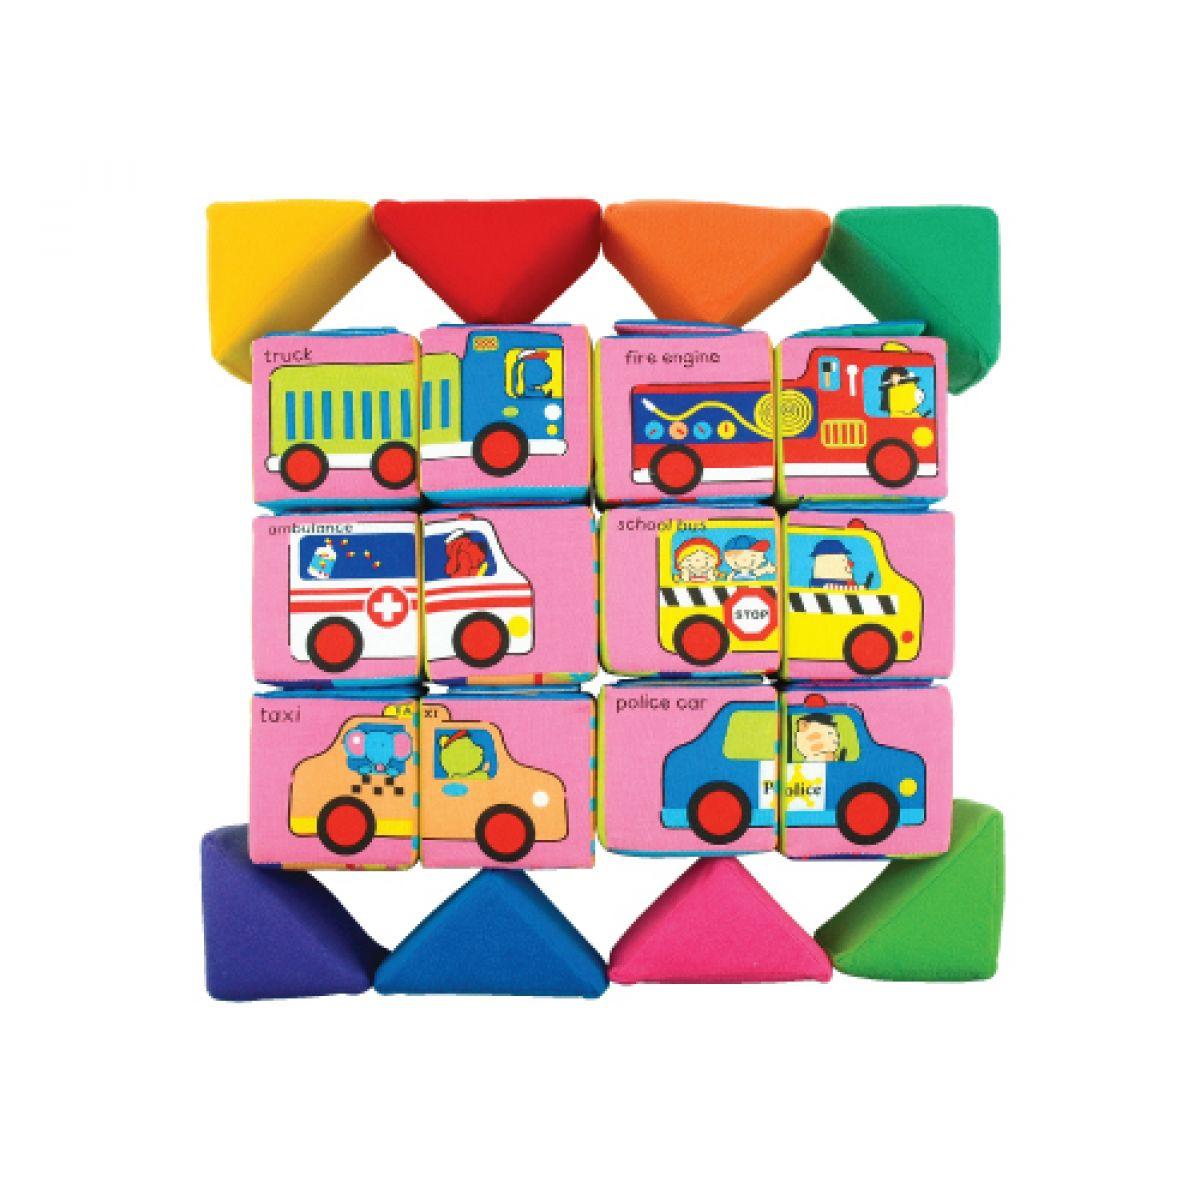 K's Kids Sada veselých látkových kostek a trojúhelníků #3